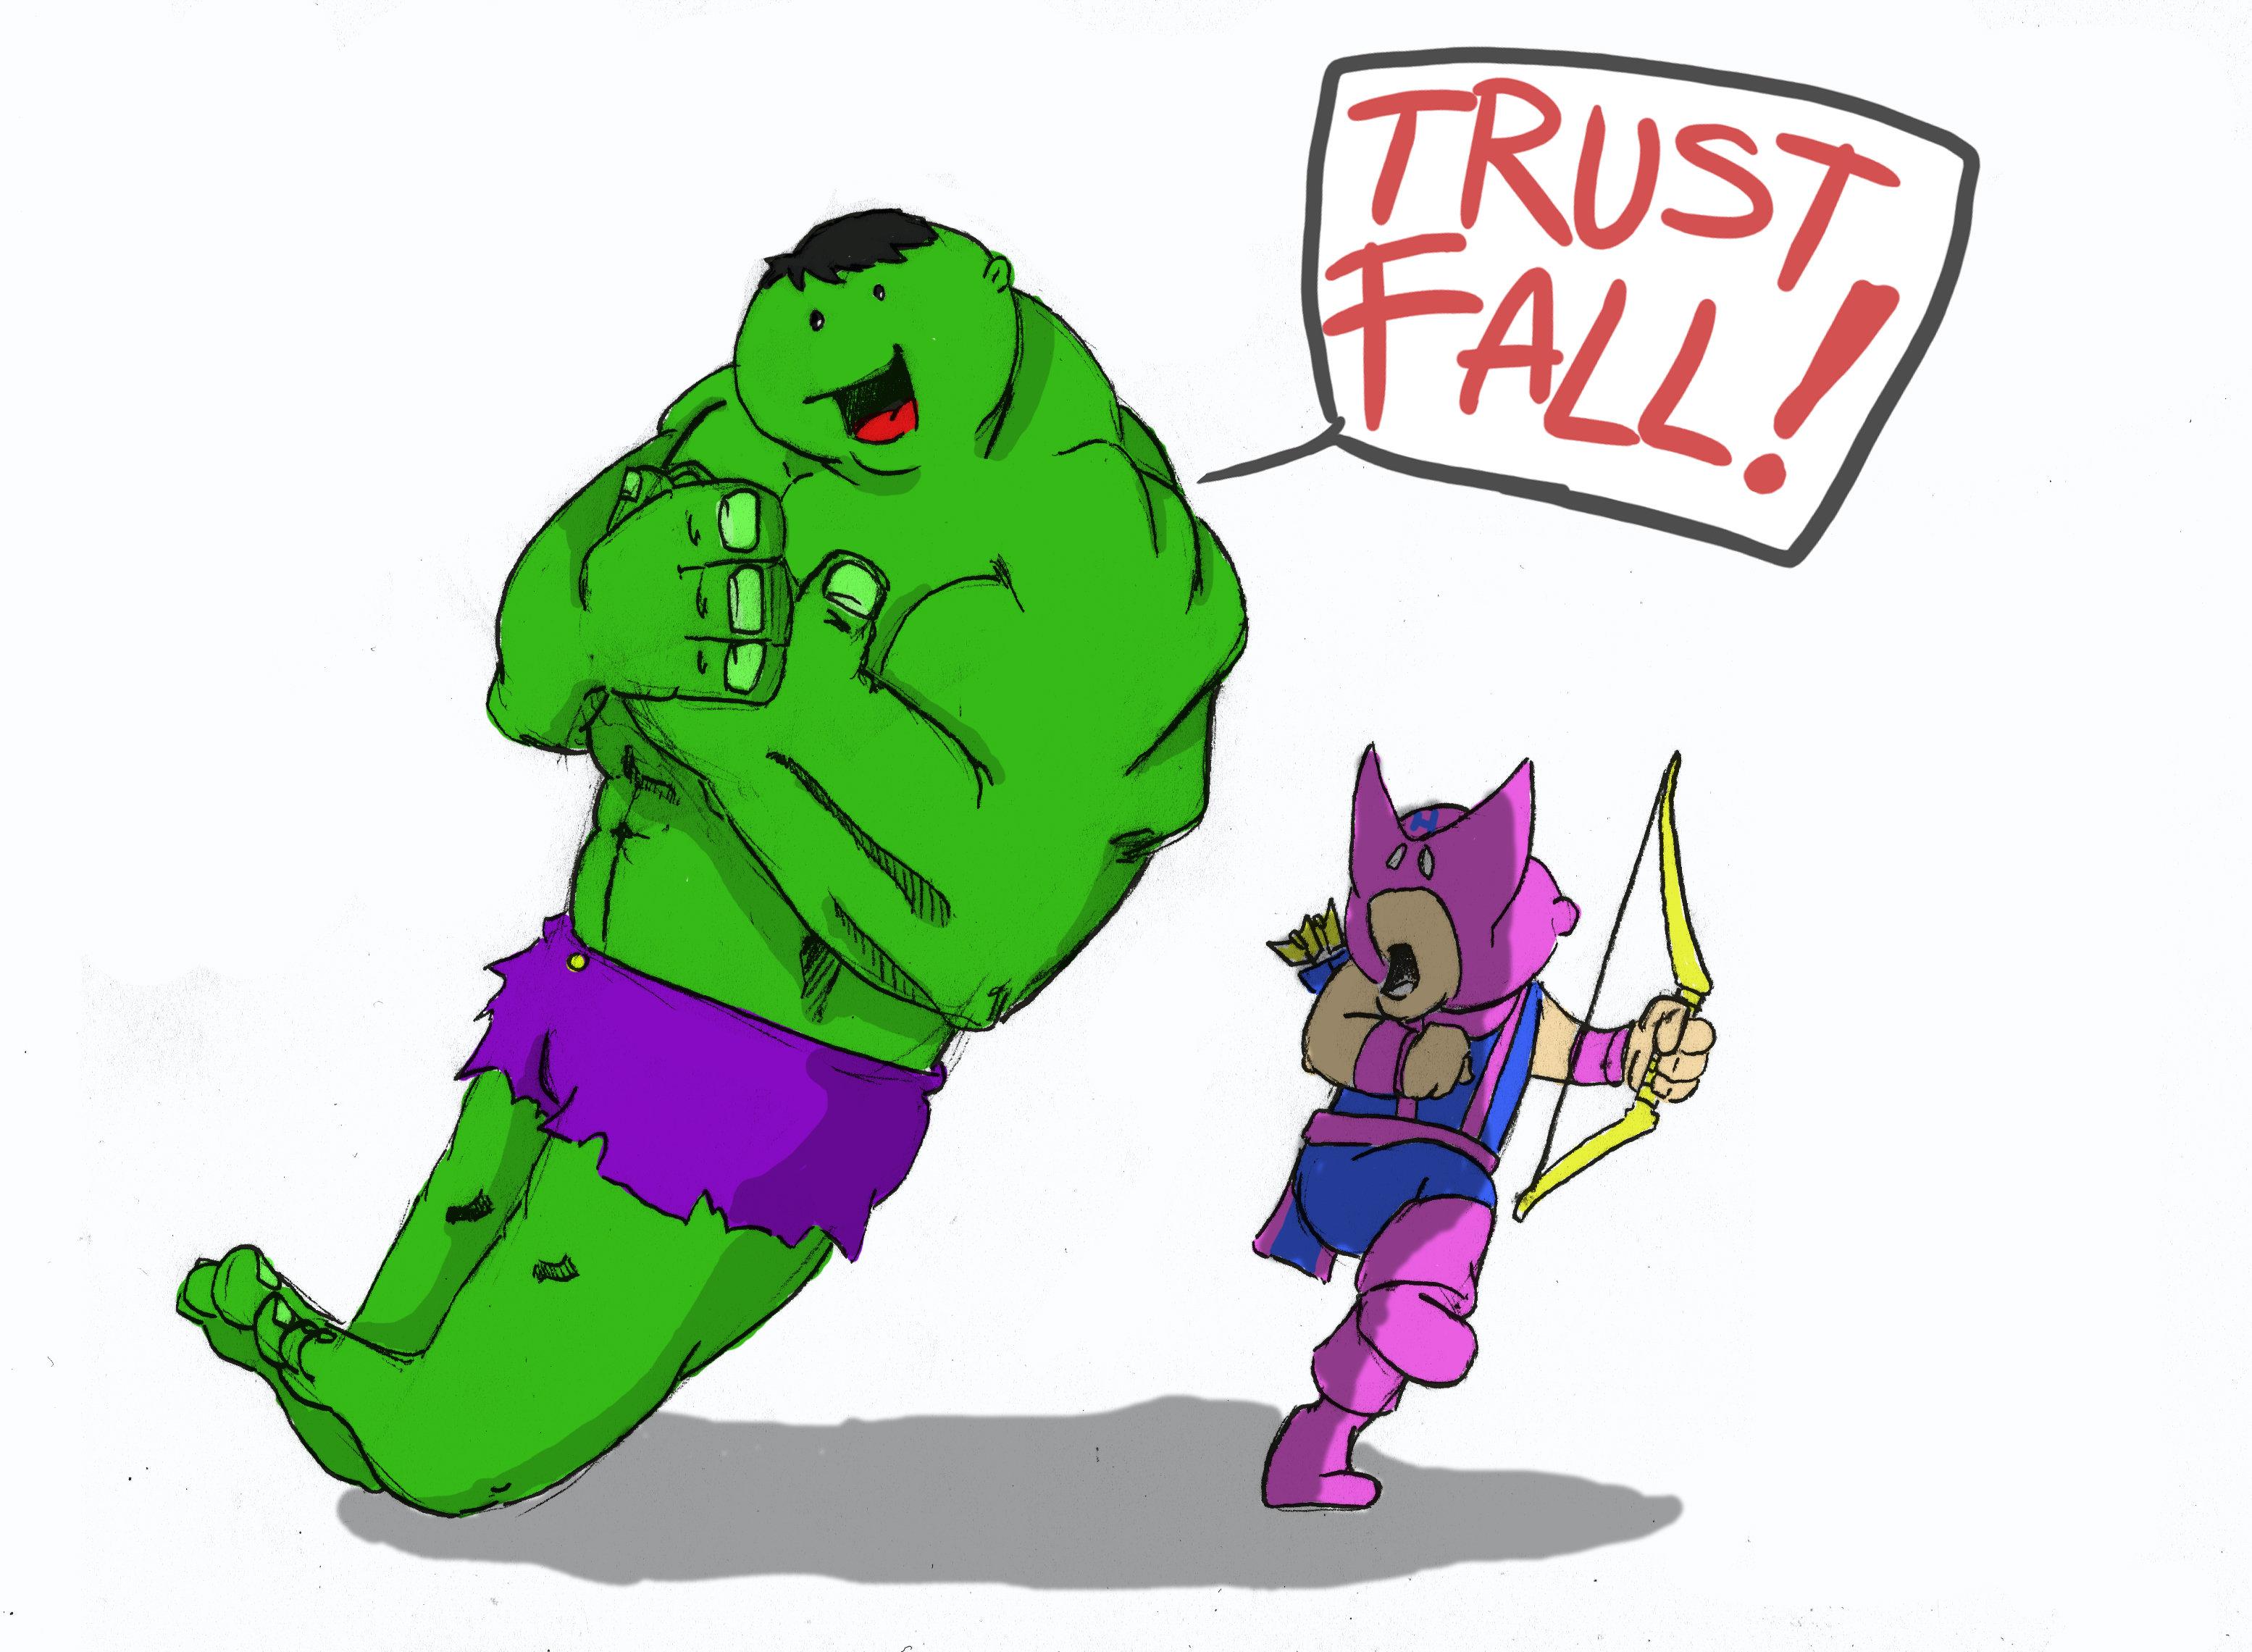 3109x2281 Trust Fall Oc